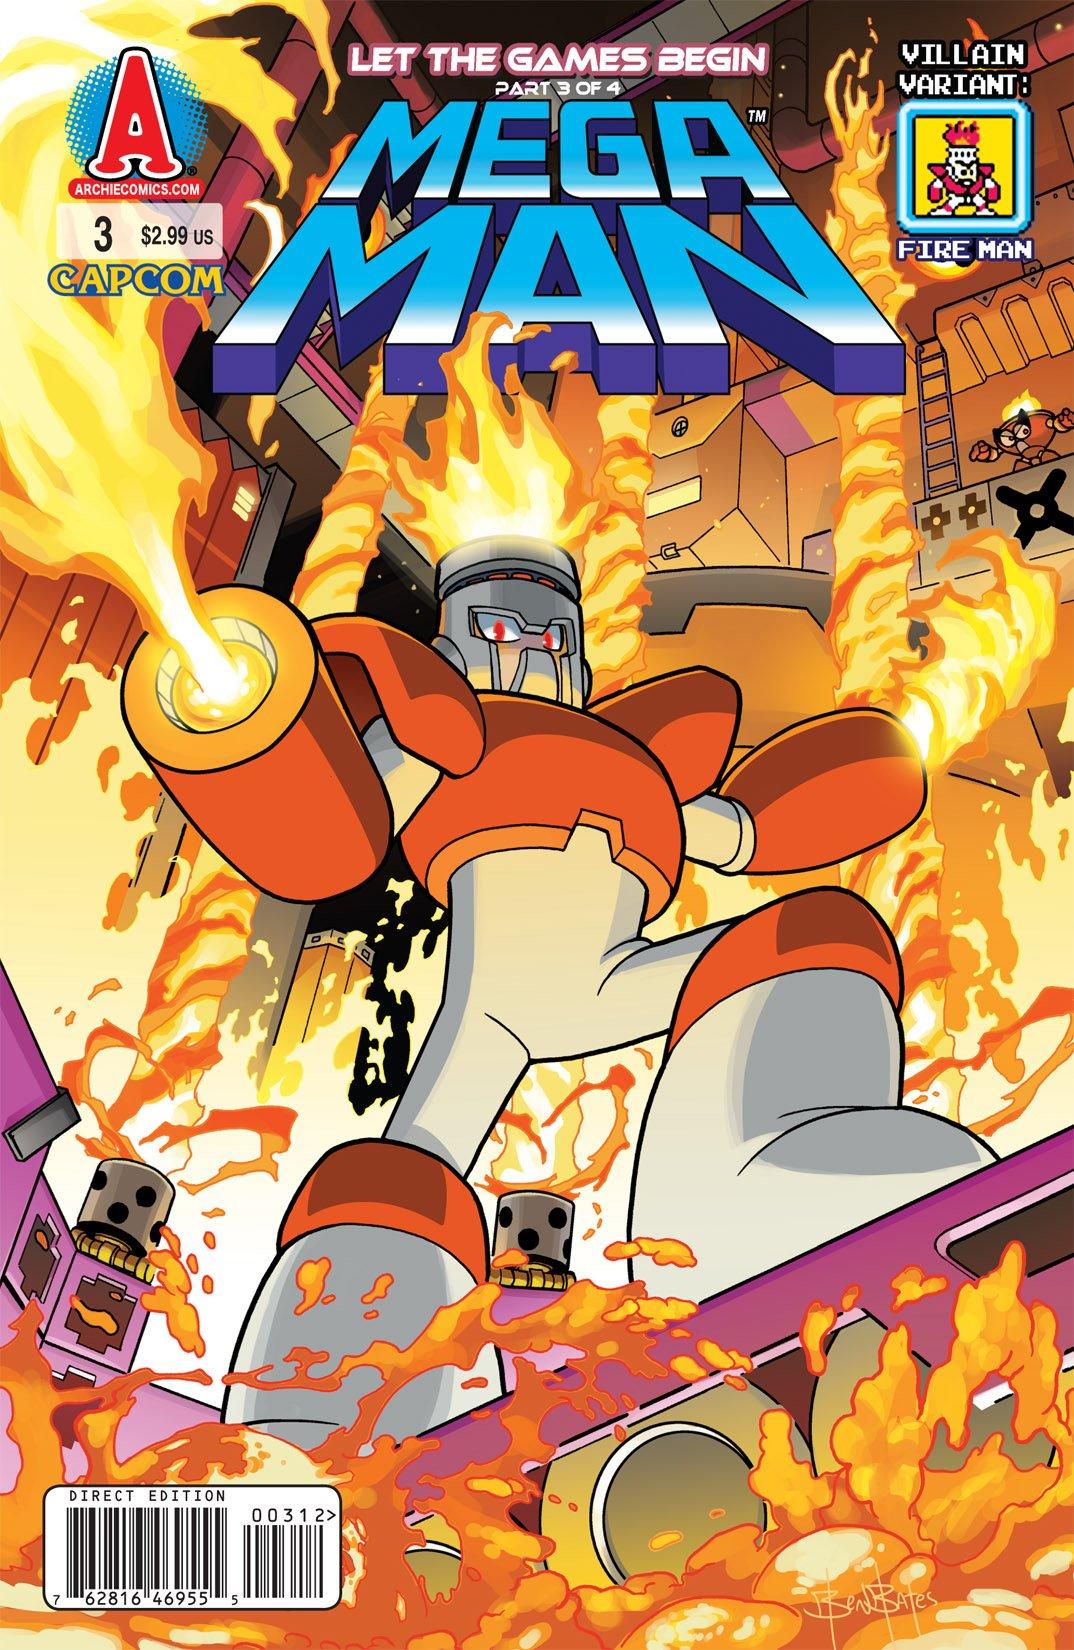 Mega Man 003 (September 2011) (villain variant)